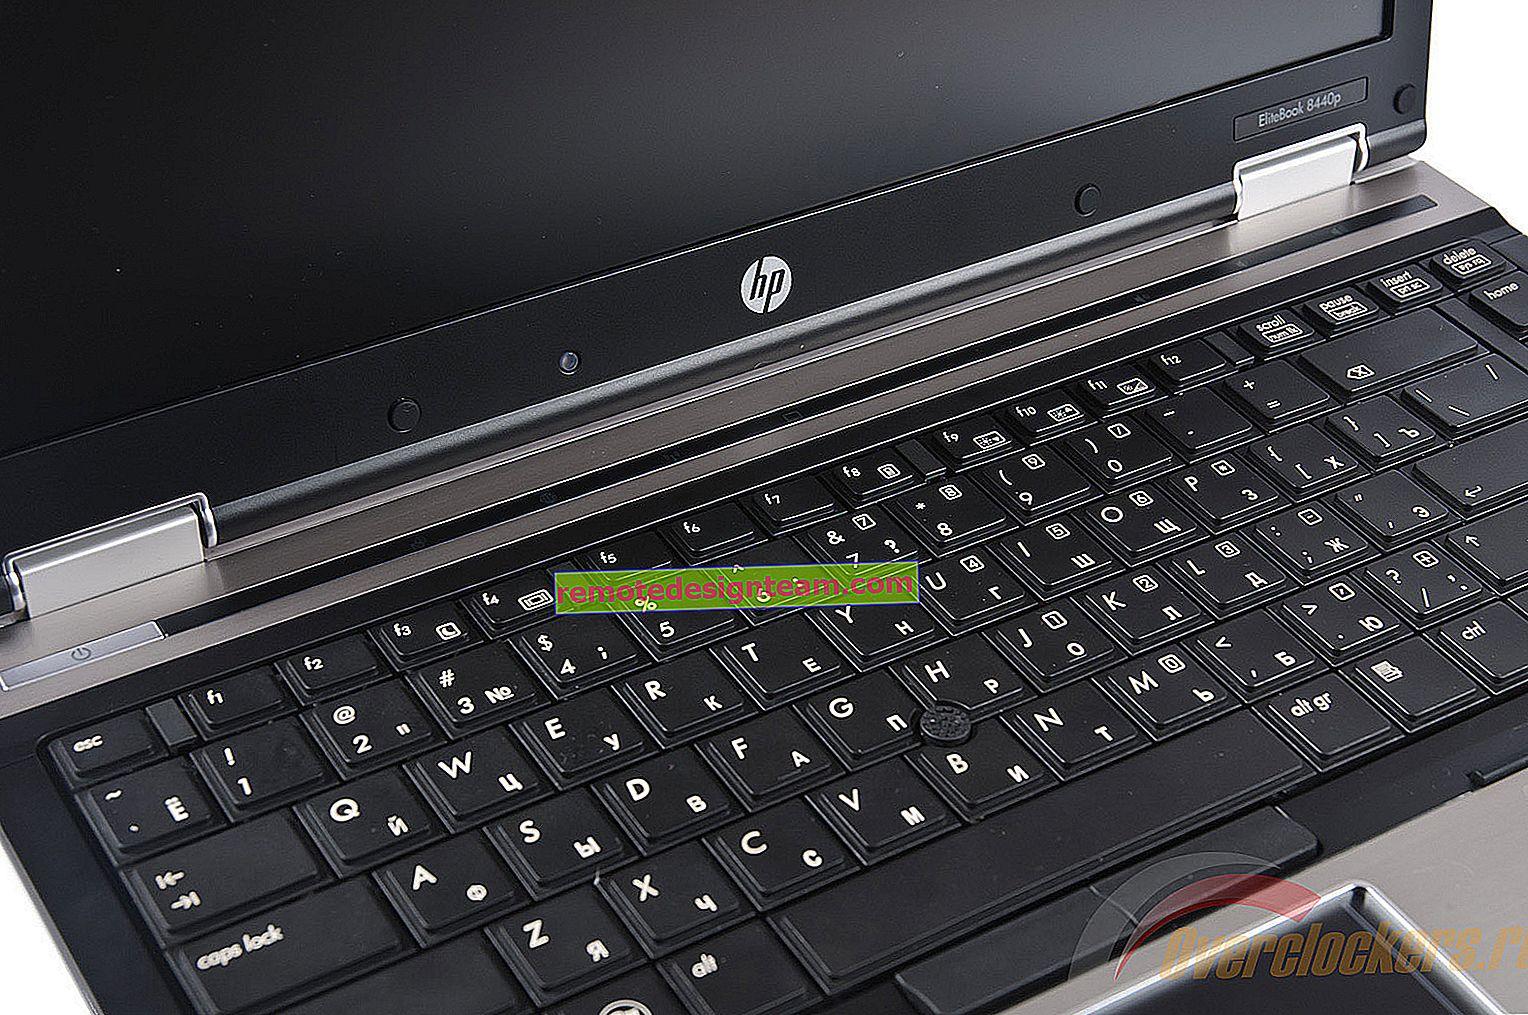 Bagaimana cara mengaktifkan Wi-Fi di laptop jika keyboard rusak atau tombol FN tidak berfungsi?